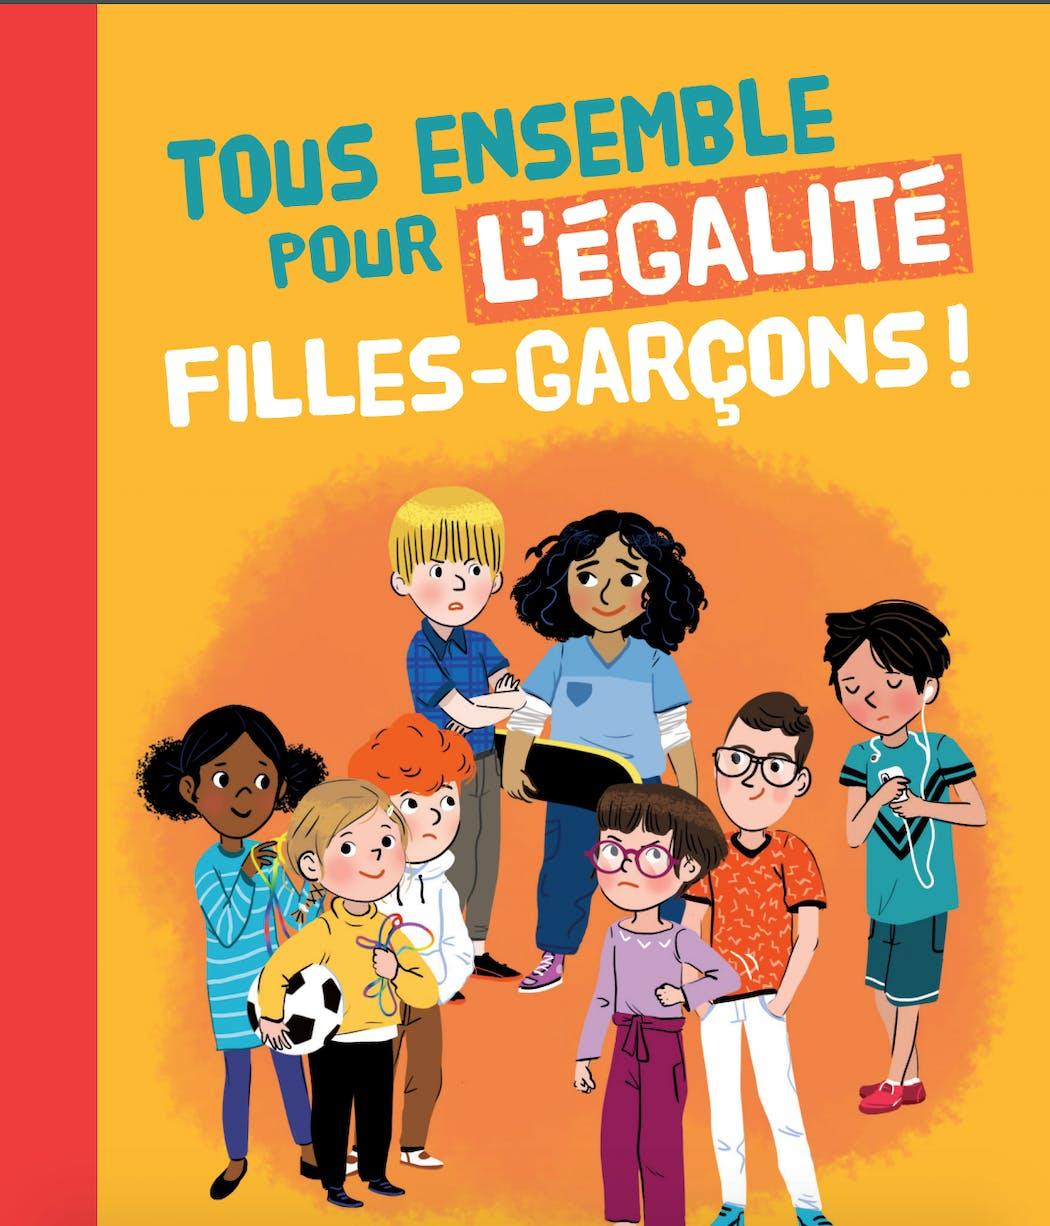 Première de couverture du livret Tous ensemble pour l'égalité Filles - Garçons